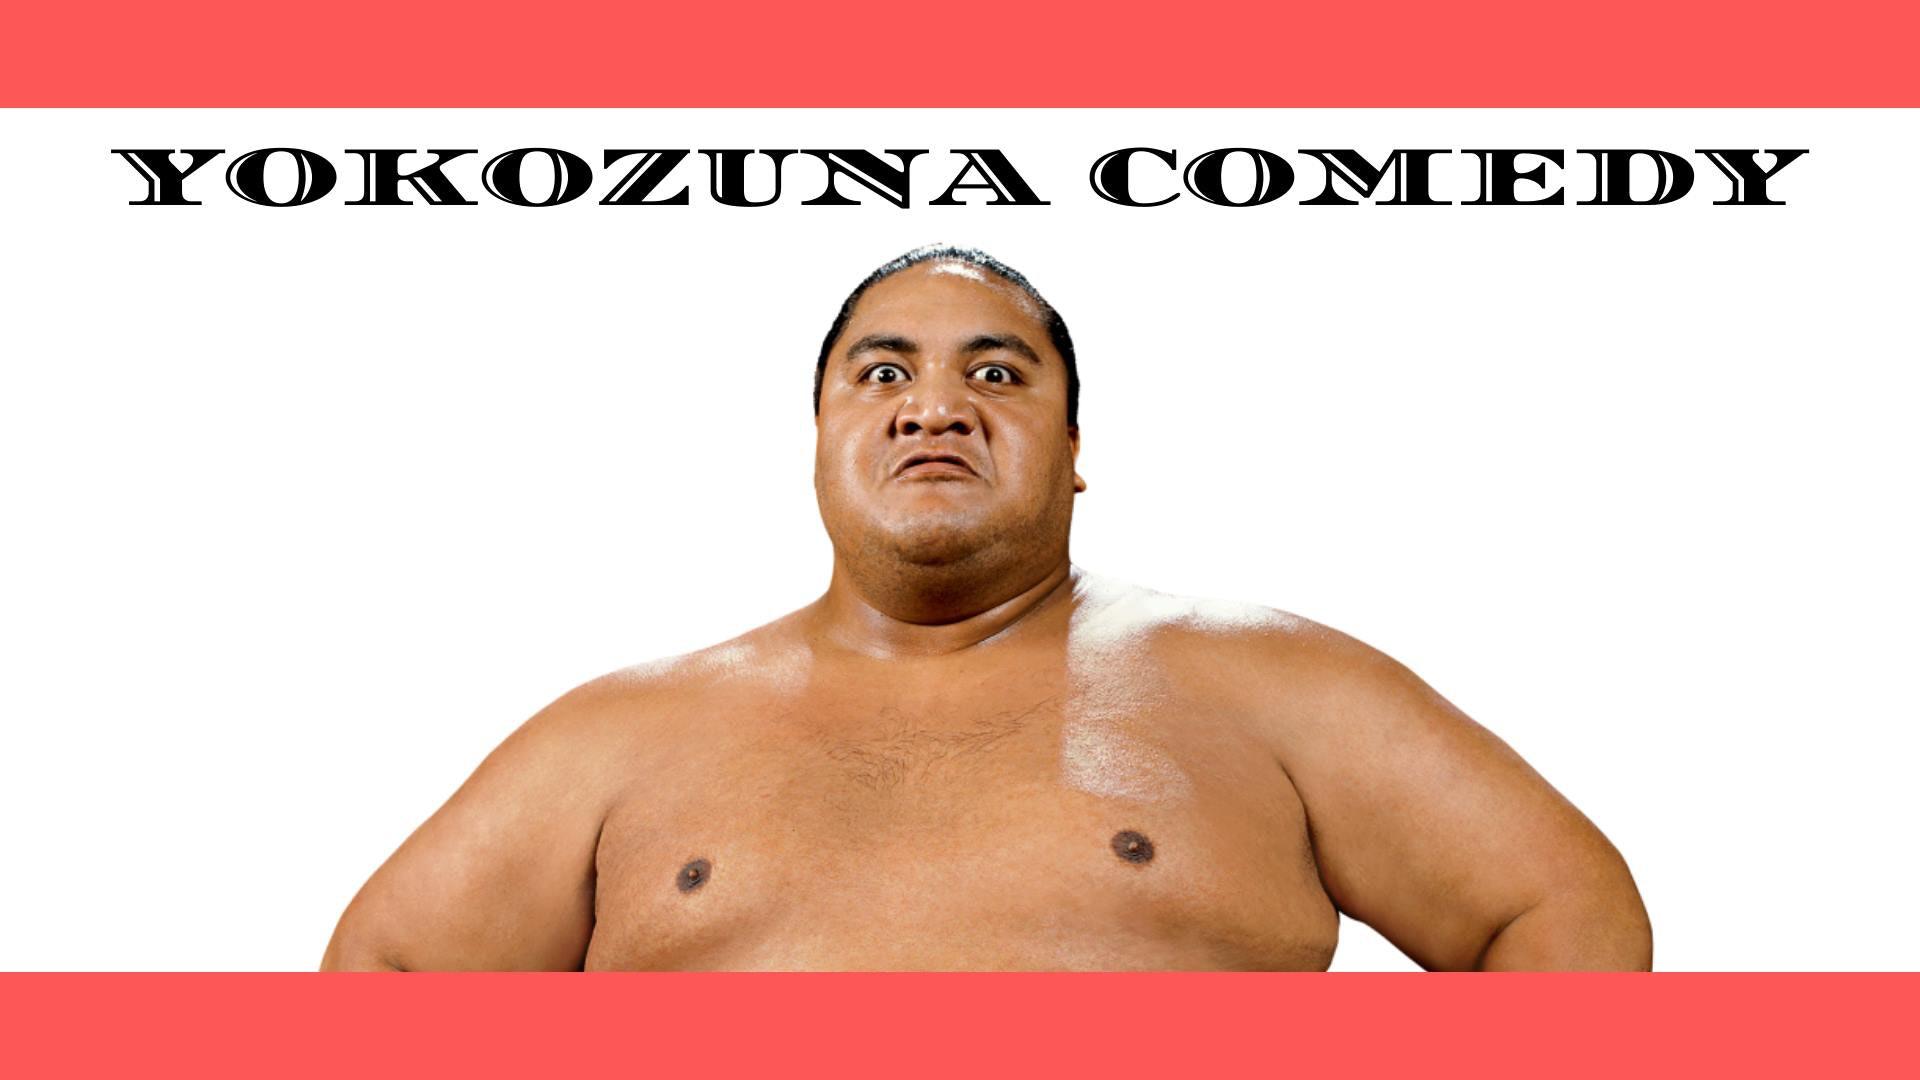 Yokozuna Comedy